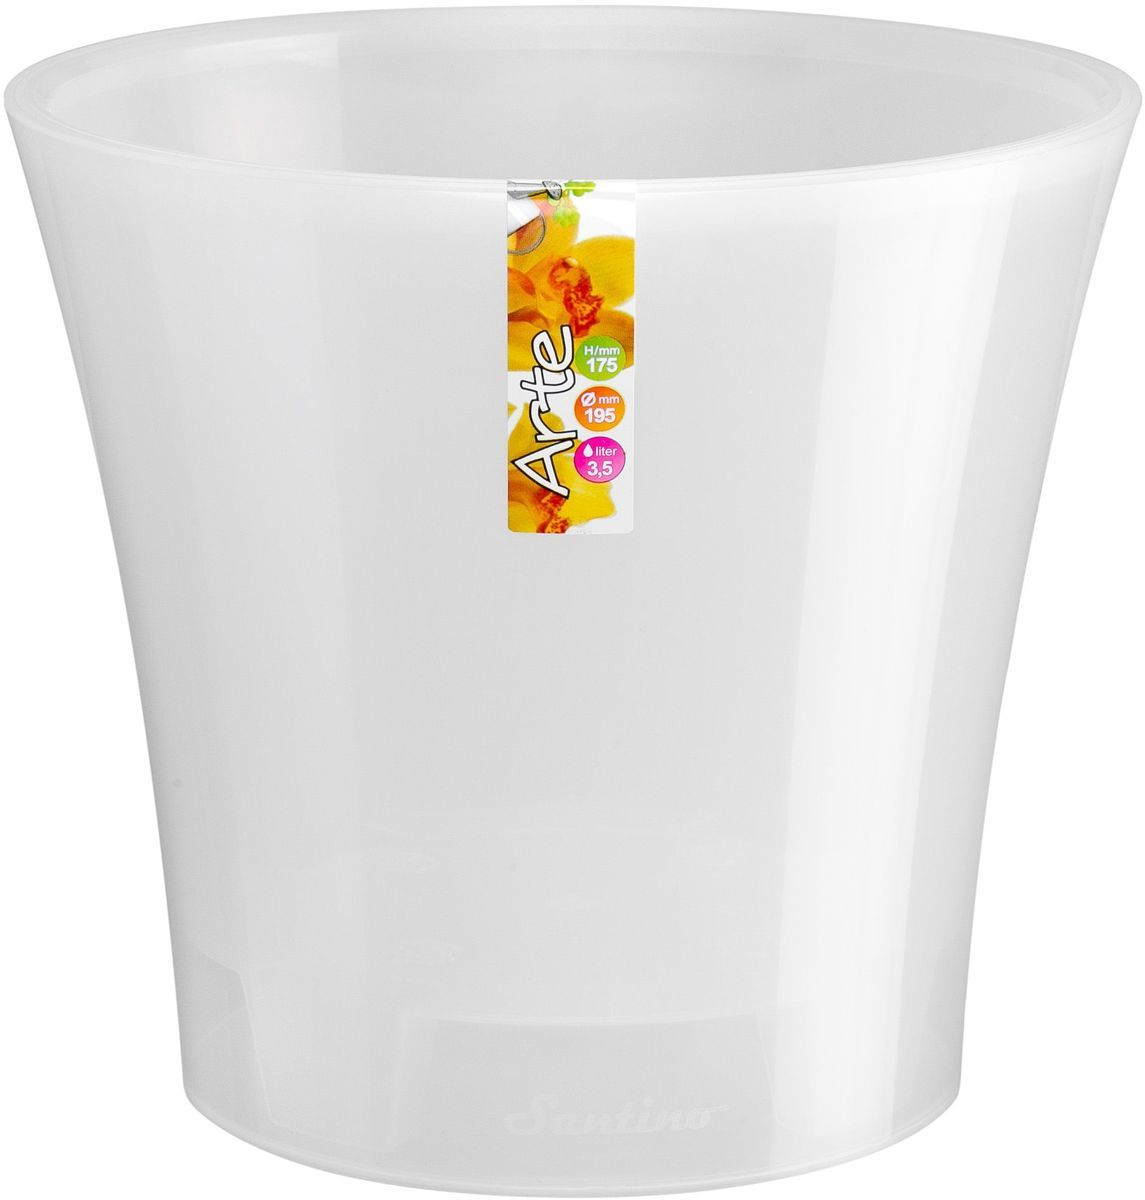 Горшок цветочный Santino Арте, двойной, с системой автополива, цвет: прозрачный, 3,5 л1004900000360Горшок цветочный Santino Арте снабжен дренажной системой и состоит из кашпо и вазона-вкладыша. Изготовлен из пластика. Особенность: тарелочка или блюдце не нужны. Горшок предназначен для любых растений или цветов. Цветочный дренаж – это система, которая позволяет выводить лишнюю влагу через корневую систему цветка и слой почвы. Растение – это живой организм, следовательно, ему необходимо дышать. В доступе к кислороду нуждаются все части растения: -листья; -корневая система. Если цветовод по какой-либо причине зальет цветок водой, то она буквально вытеснит из почвенного слоя все пузырьки кислорода. Анаэробная среда способствует развитию различного рода бактерий. Безвоздушная среда приводит к загниванию корневой системы, цветок в результате увядает. Суть работы дренажной системы заключается в том, чтобы осуществлять отвод лишней влаги от растения и давать возможность корневой системе дышать без проблем. Следовательно, каждому цветку необходимо: -иметь в основании цветочного горшочка хотя бы одно небольшое дренажное отверстие. Оно необходимо для того, чтобы через него выходила лишняя вода, плюс ко всему это отверстие дает возможность циркулировать воздух. -на самом дне горшка необходимо выложить слоем в 2-5 см (зависит от вида растения) дренаж.УВАЖАЕМЫЕ КЛИЕНТЫ!Обращаем ваше внимание на тот факт, что фото изделия служит для визуального восприятия товара. Литраж и размеры, представленные на этикетке товара, могут по факту отличаться от реальных. Корректные данные в поле Размеры.